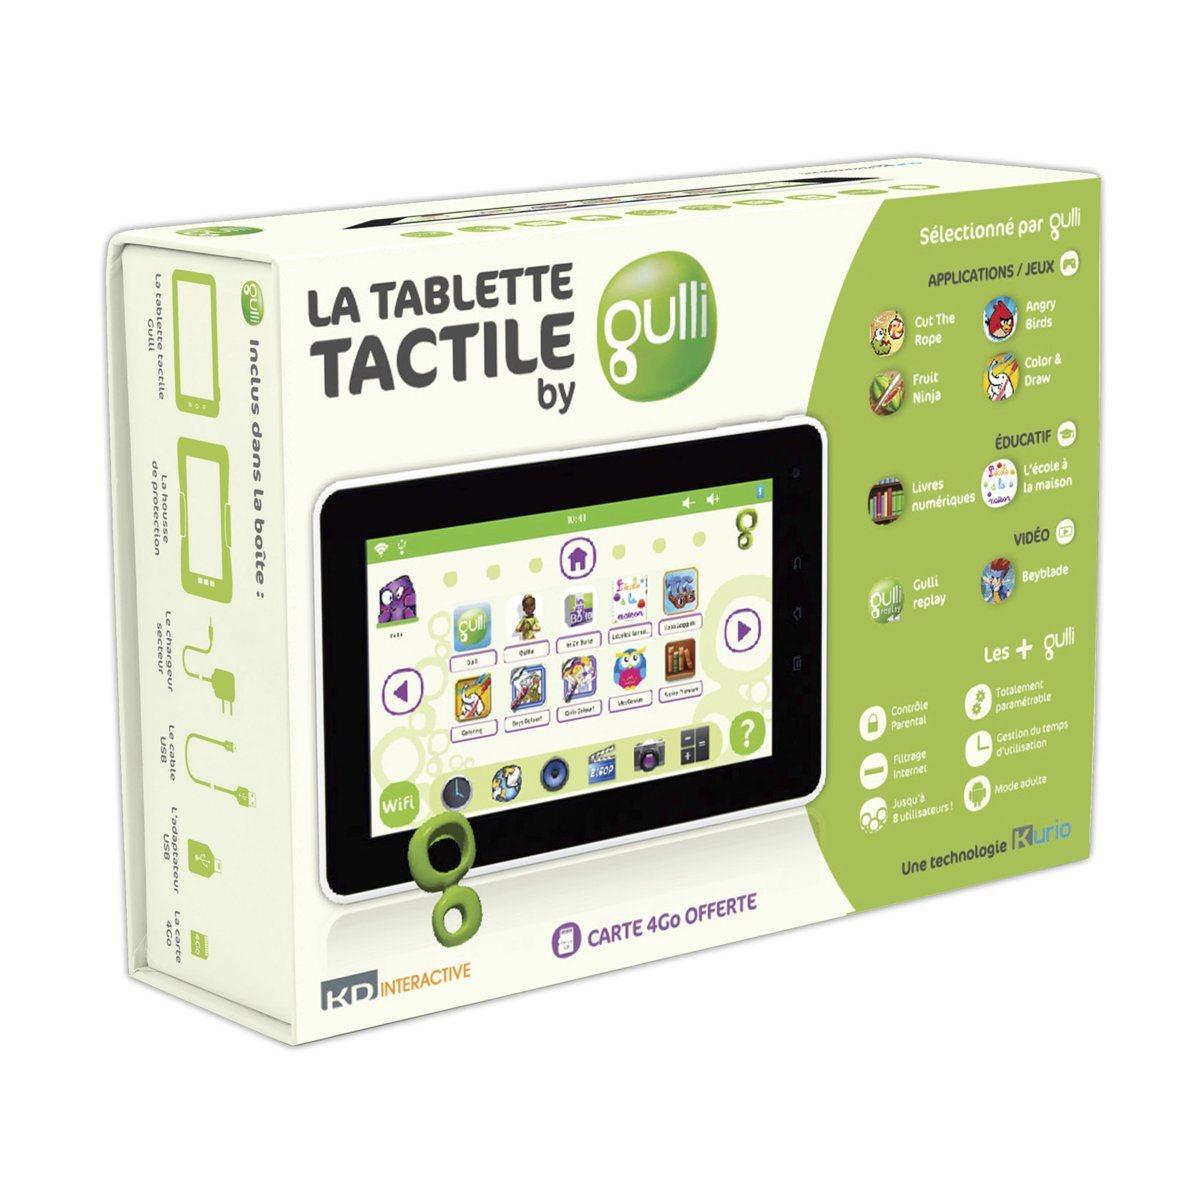 la tablette tactile by gulli est officielle et disponible l 39 achat. Black Bedroom Furniture Sets. Home Design Ideas